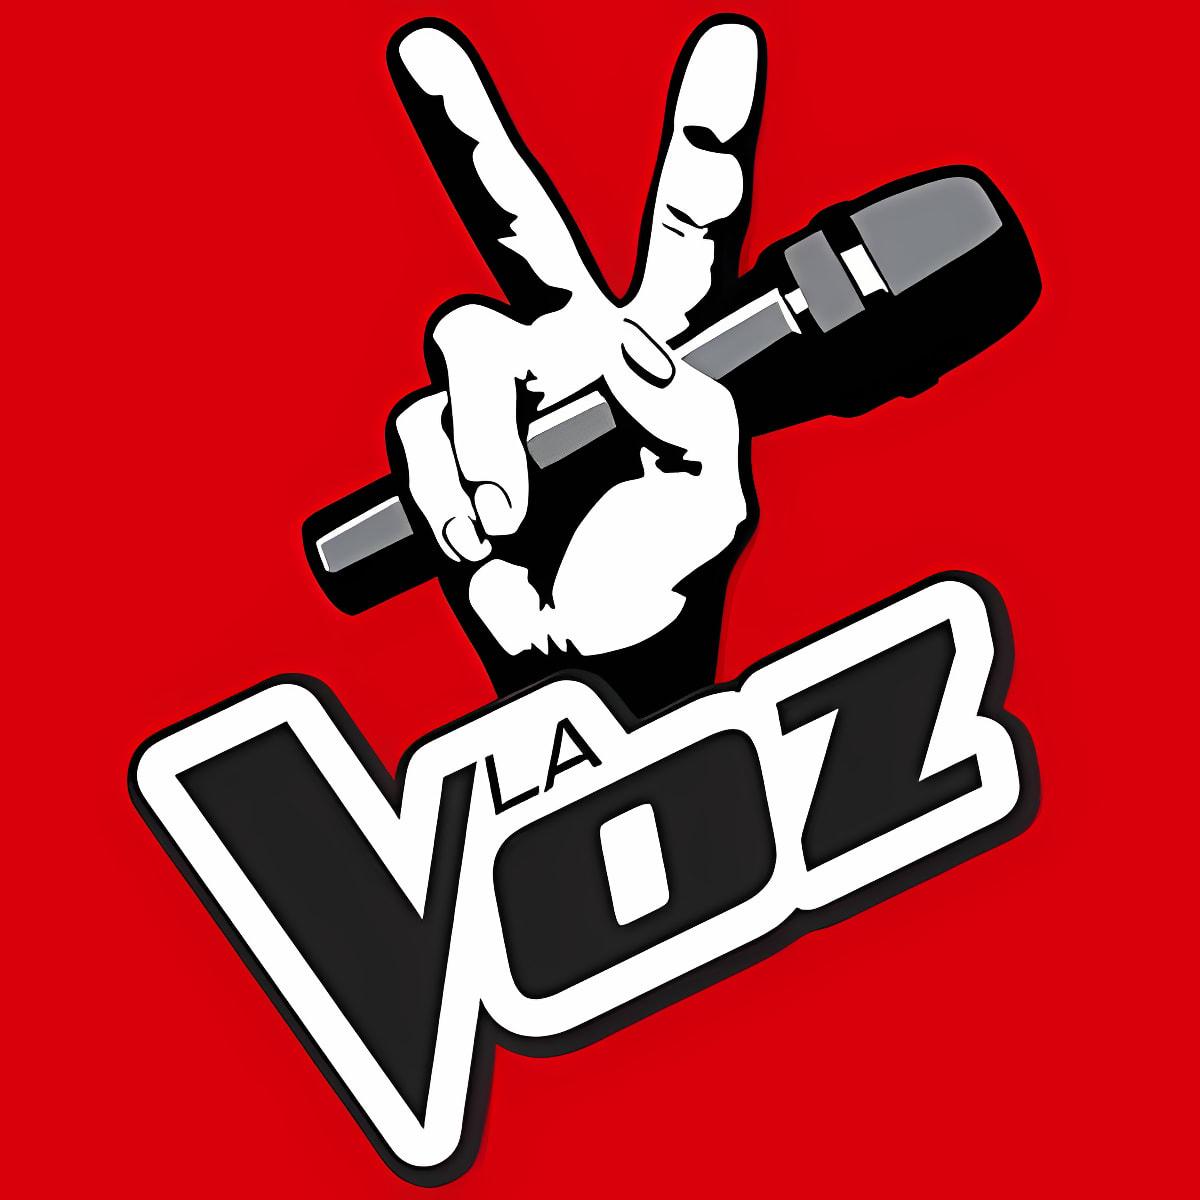 La Voz 3.1.2